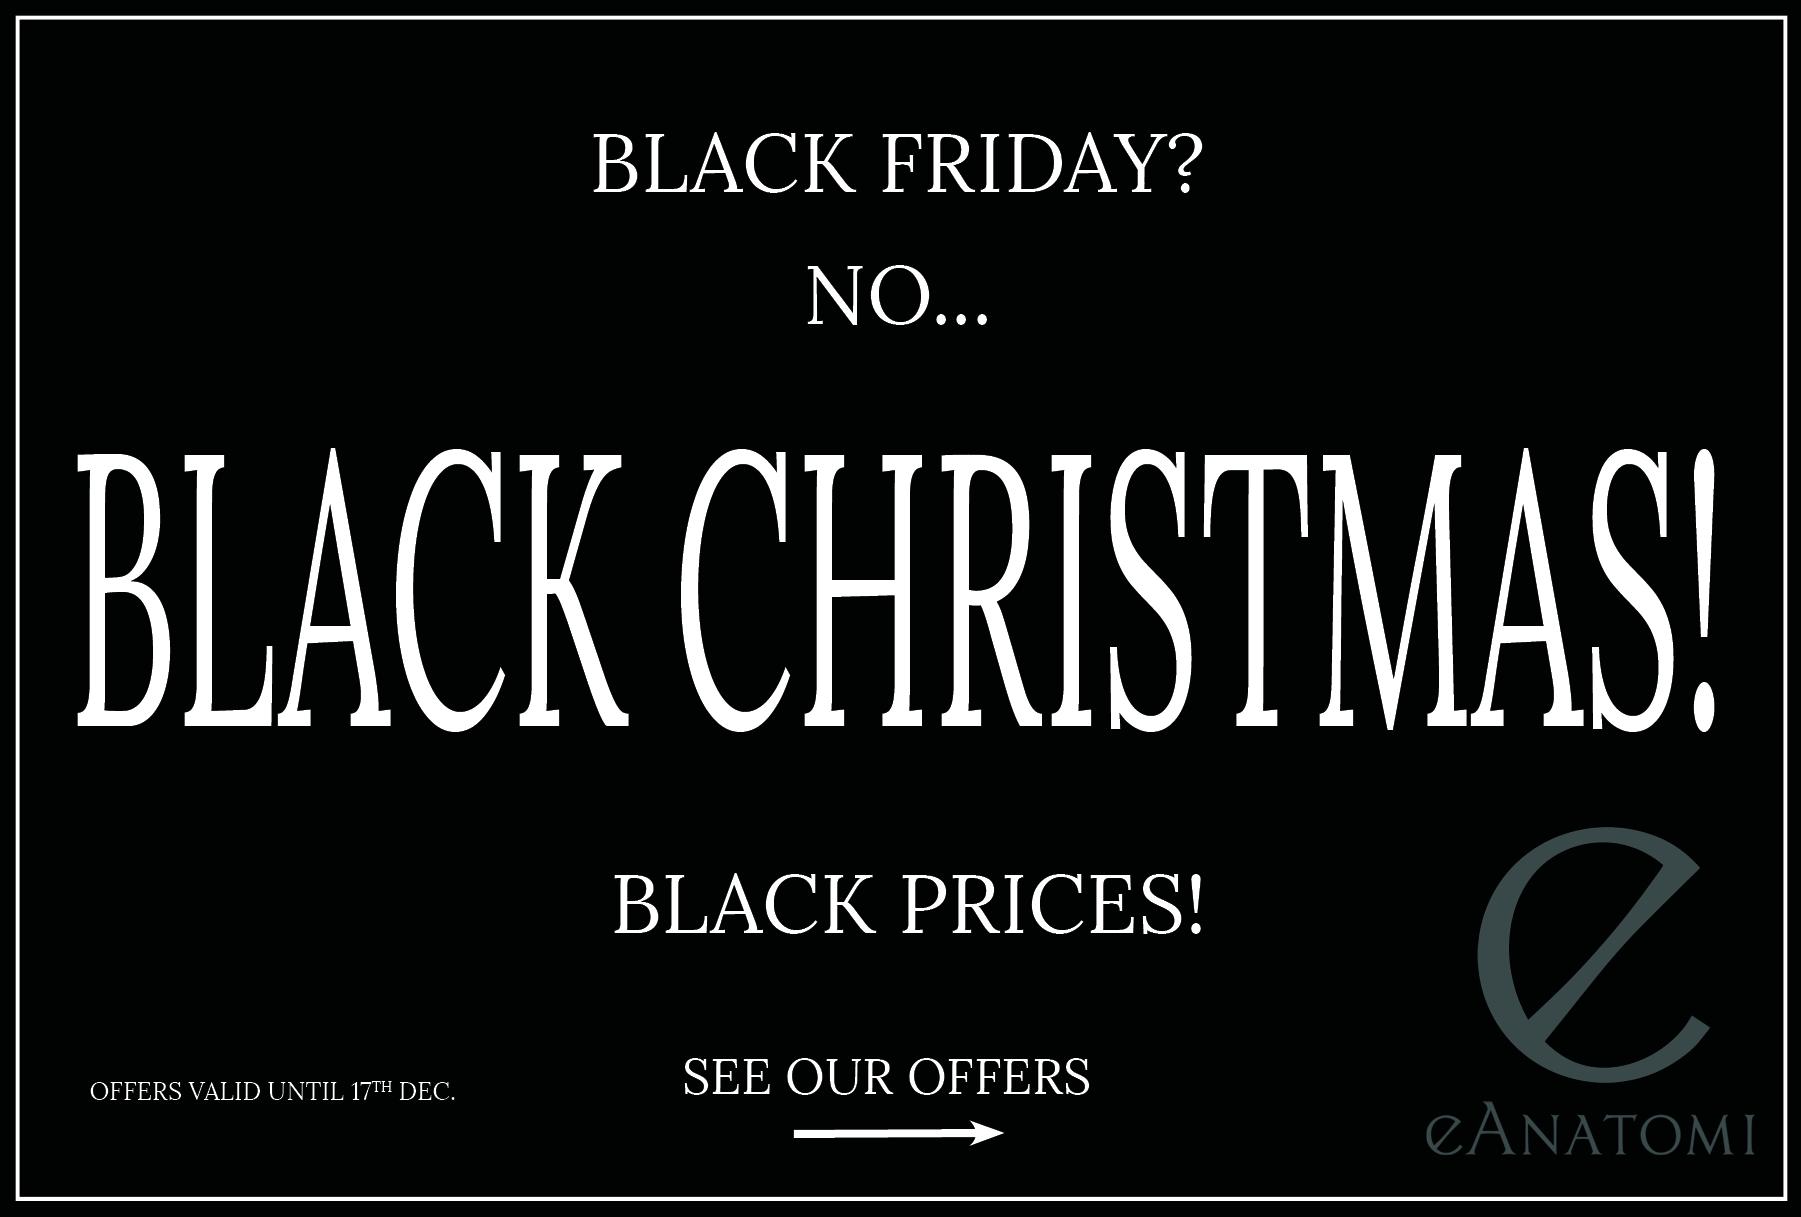 Black christmas.png?ixlib=rb 1.1